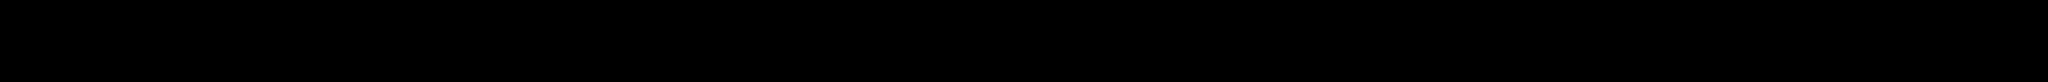 MANN-FILTER 1K0 129 620 D, 1K0 129 620 F, 1K0 129 620 G, 3C0 129 620 A, 3C0 129 620 B Въздушен филтър